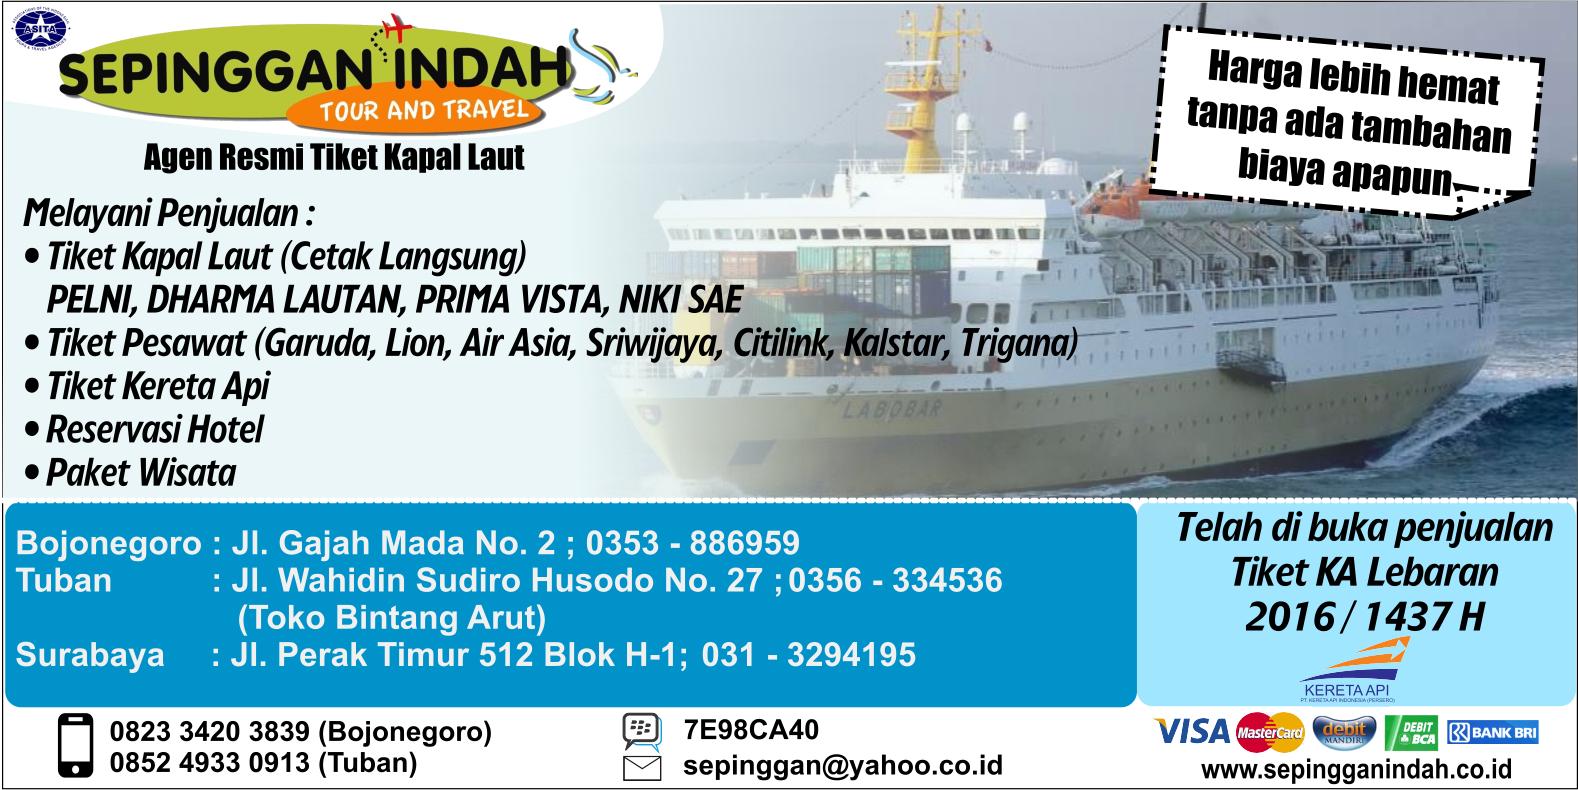 Agen Tiket Kapal Laut di Surabaya: Tiket Kapal Laut Online